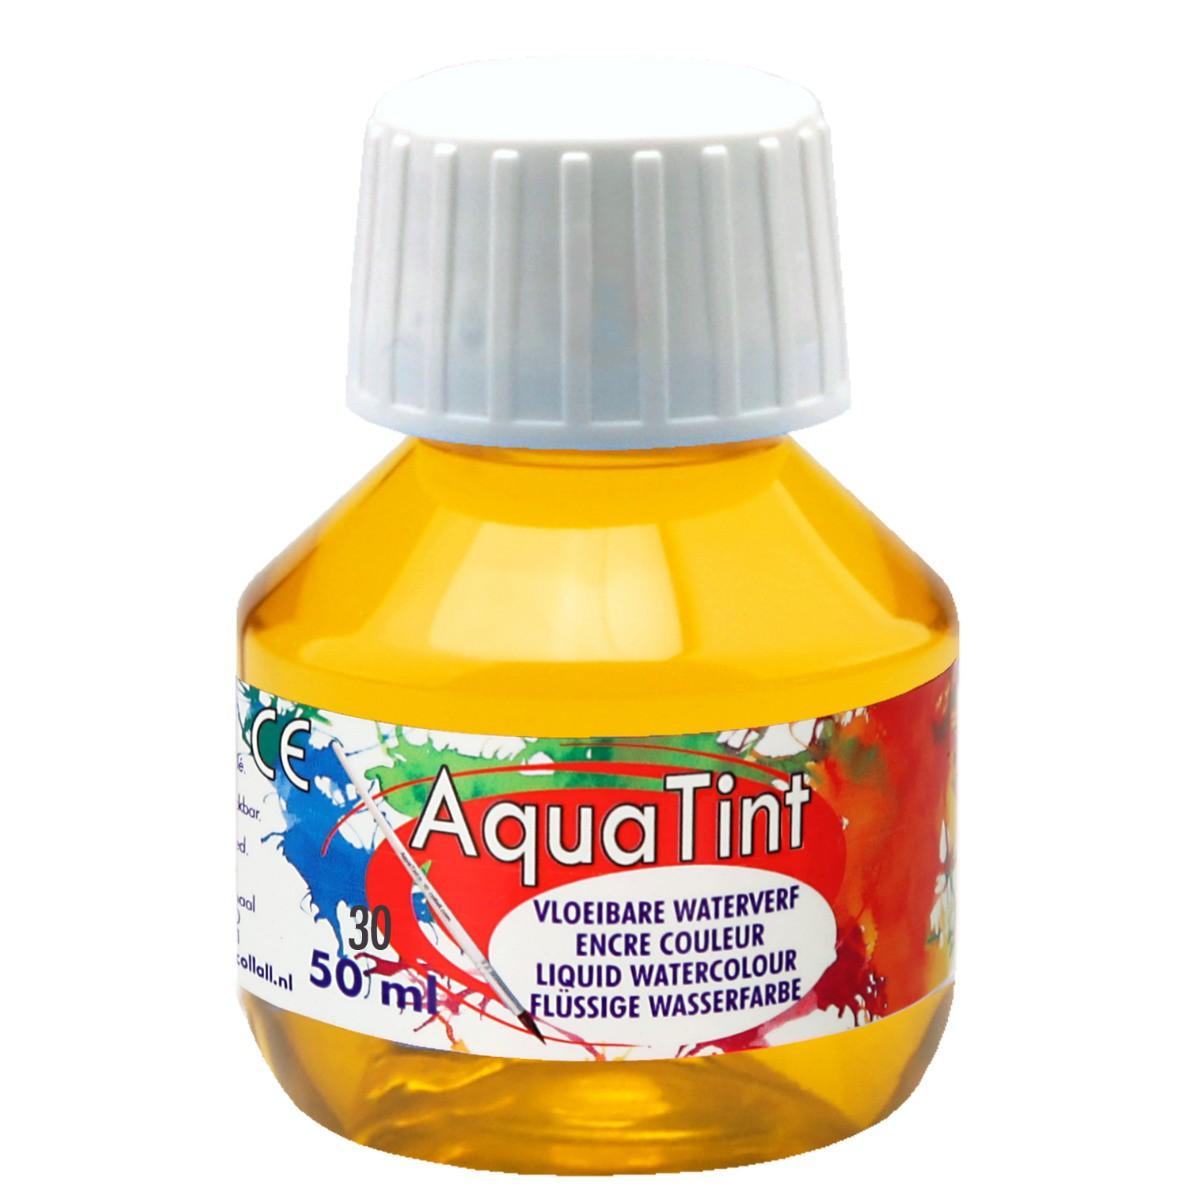 Flüssige Wasserfarbe AquaTint - gelb, 50ml Flasche